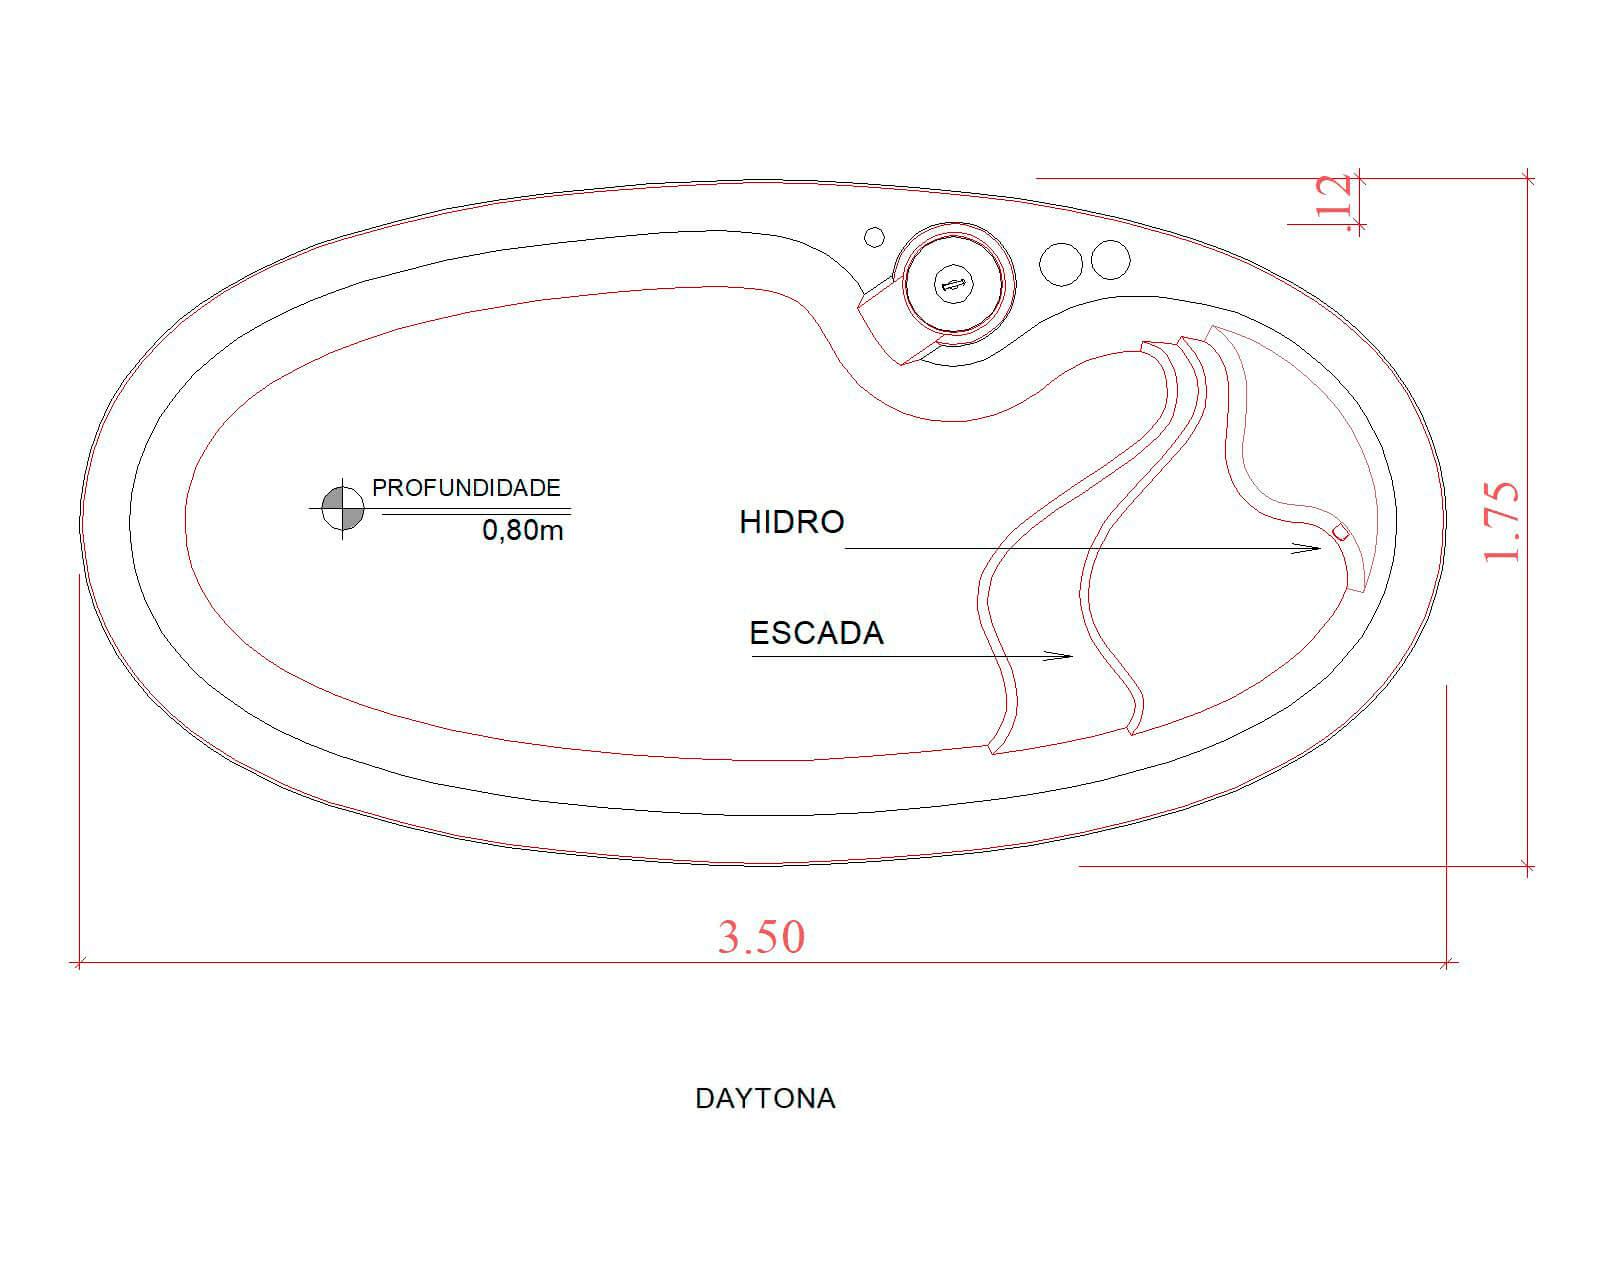 Desenho técnico Daytona (sem escala)